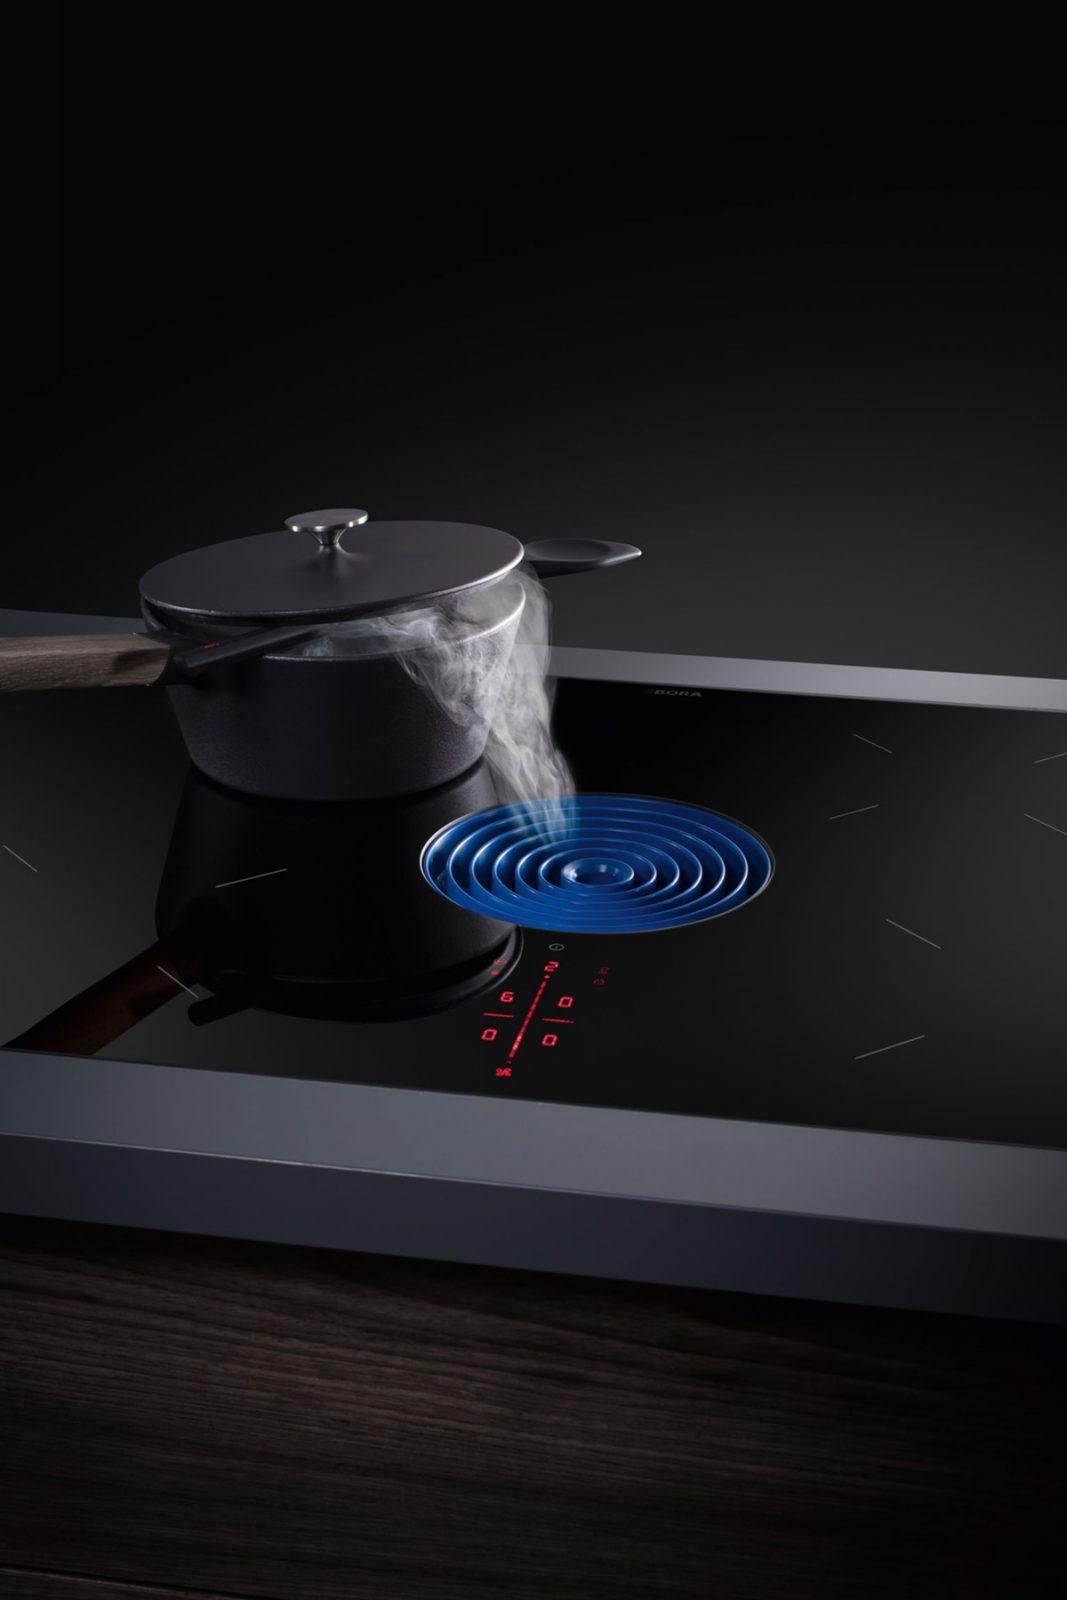 Zelari_cocinas-premium_arquitectura-de-cocina_proyectos-de-cocina_extractor-en-superficie